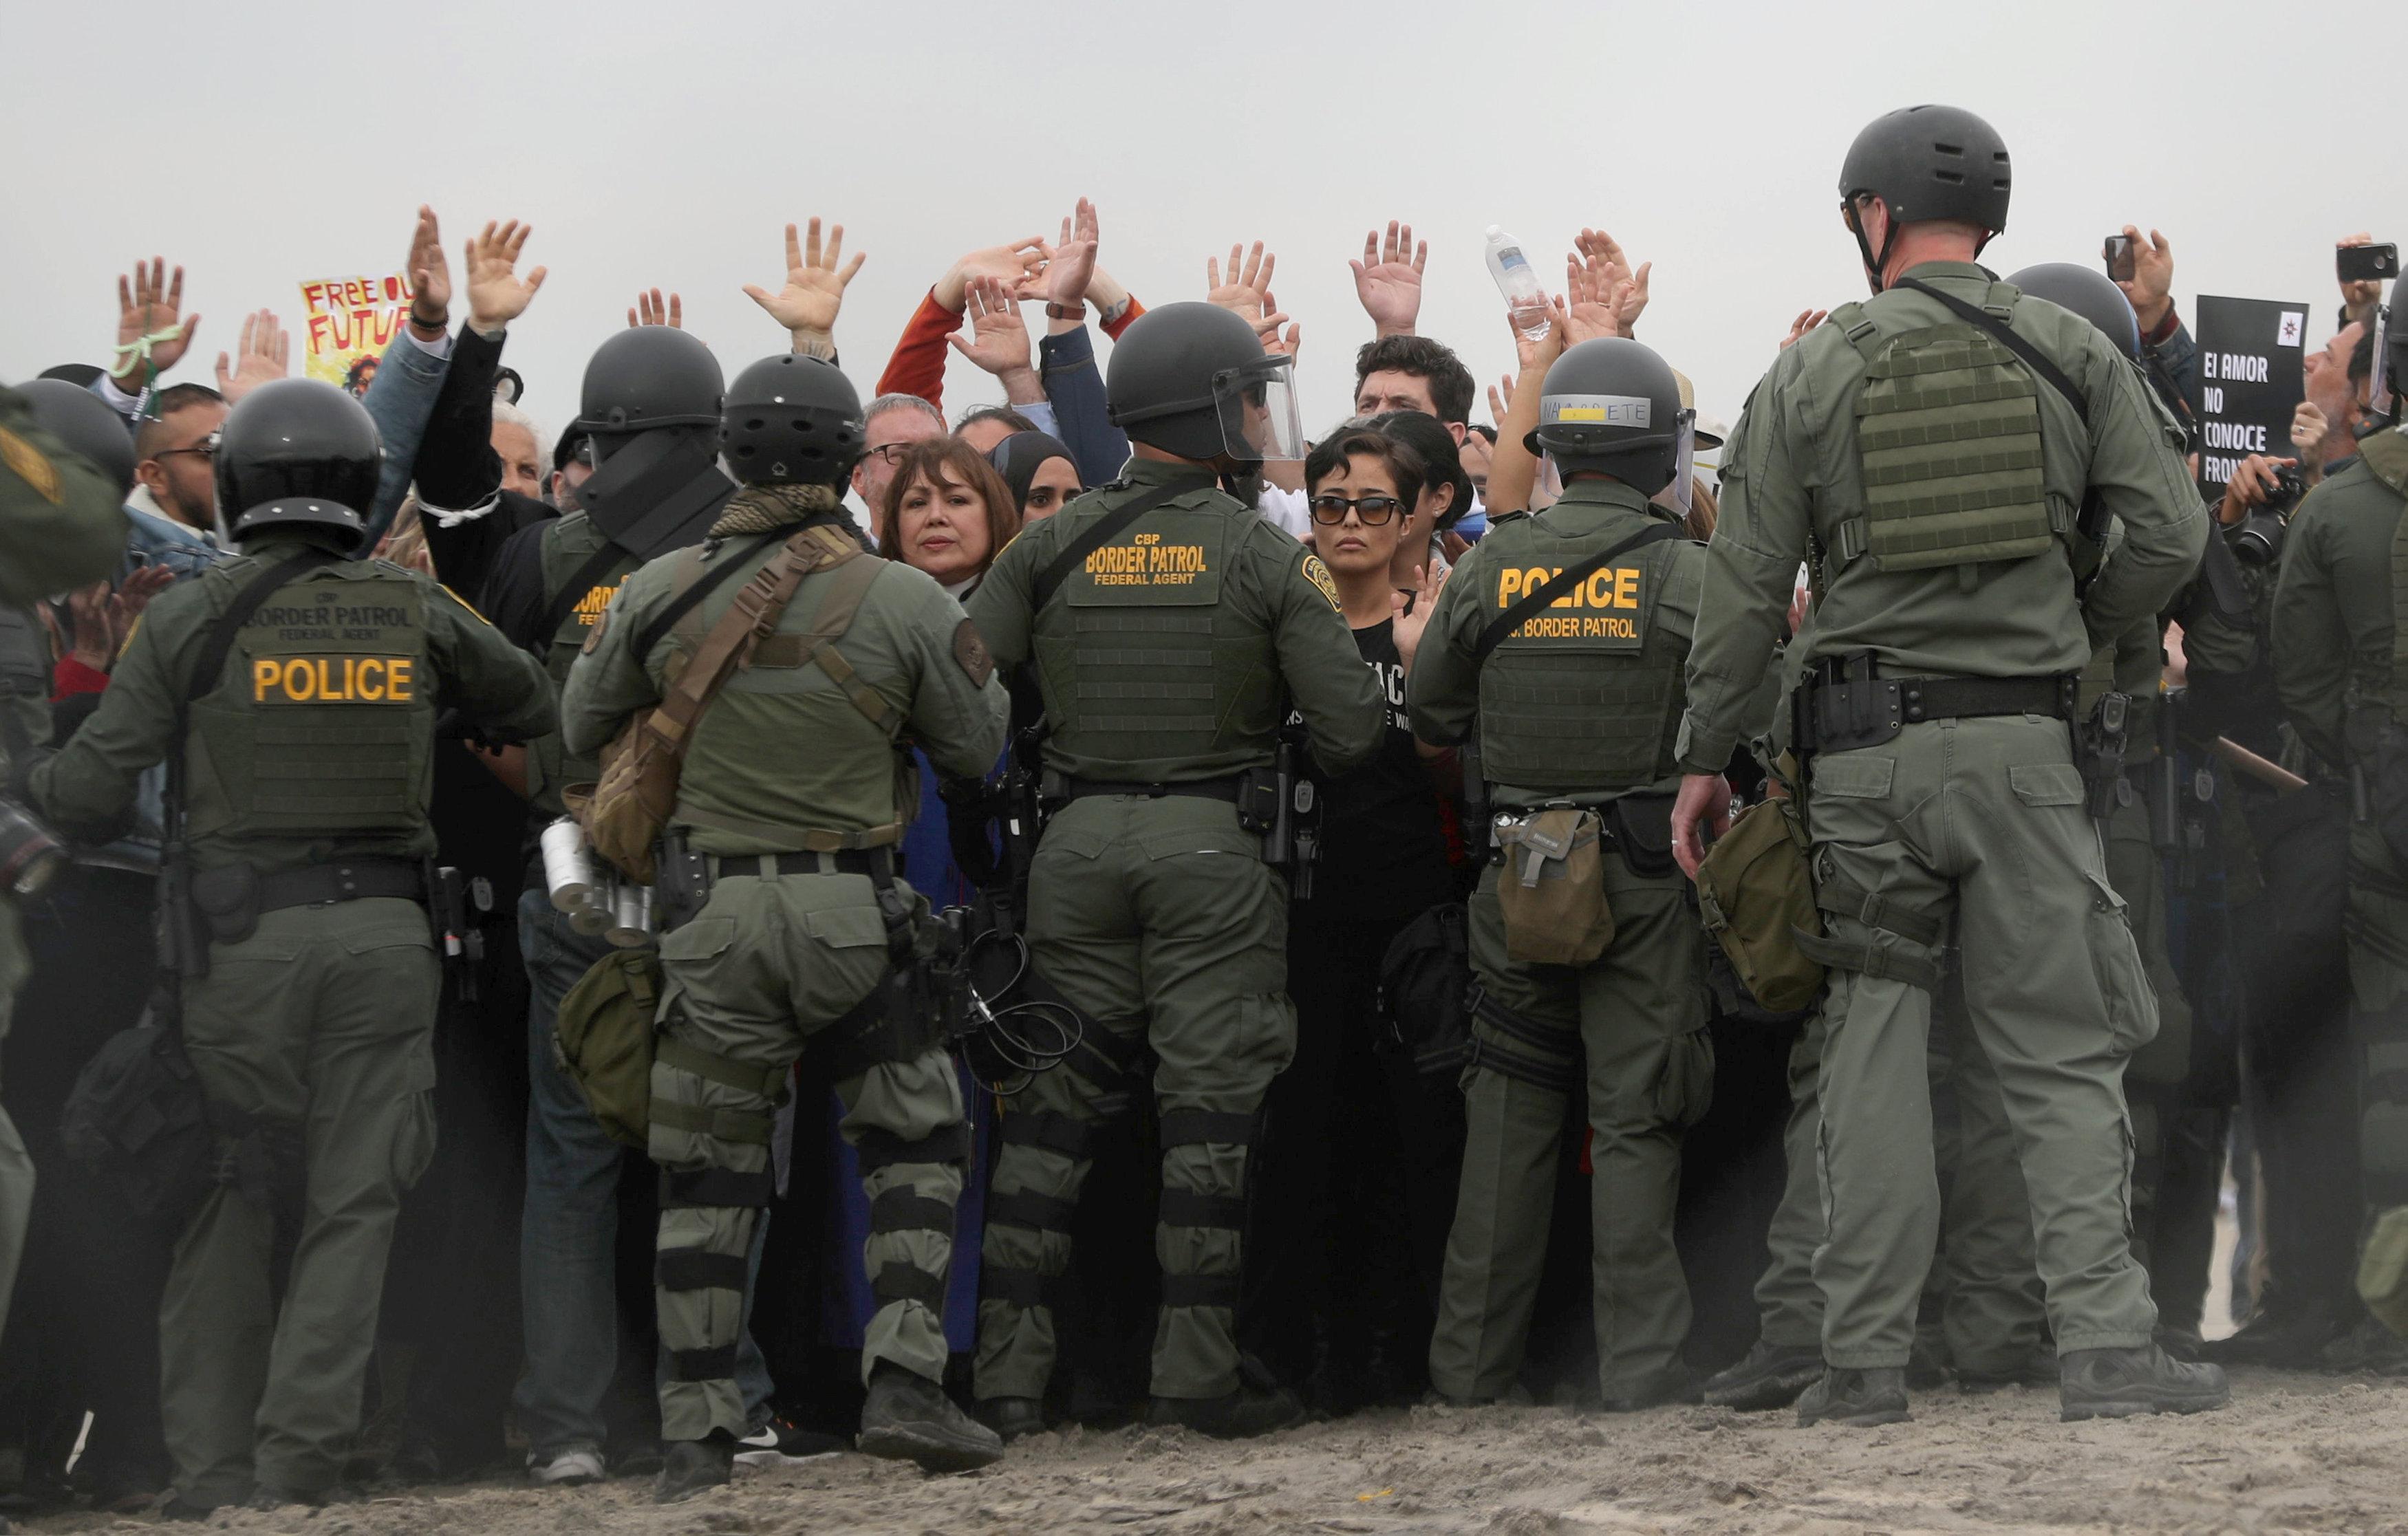 اعتقال مهاجرين على الجانب الأمريكى من الحدود مع المكسيك  (9)